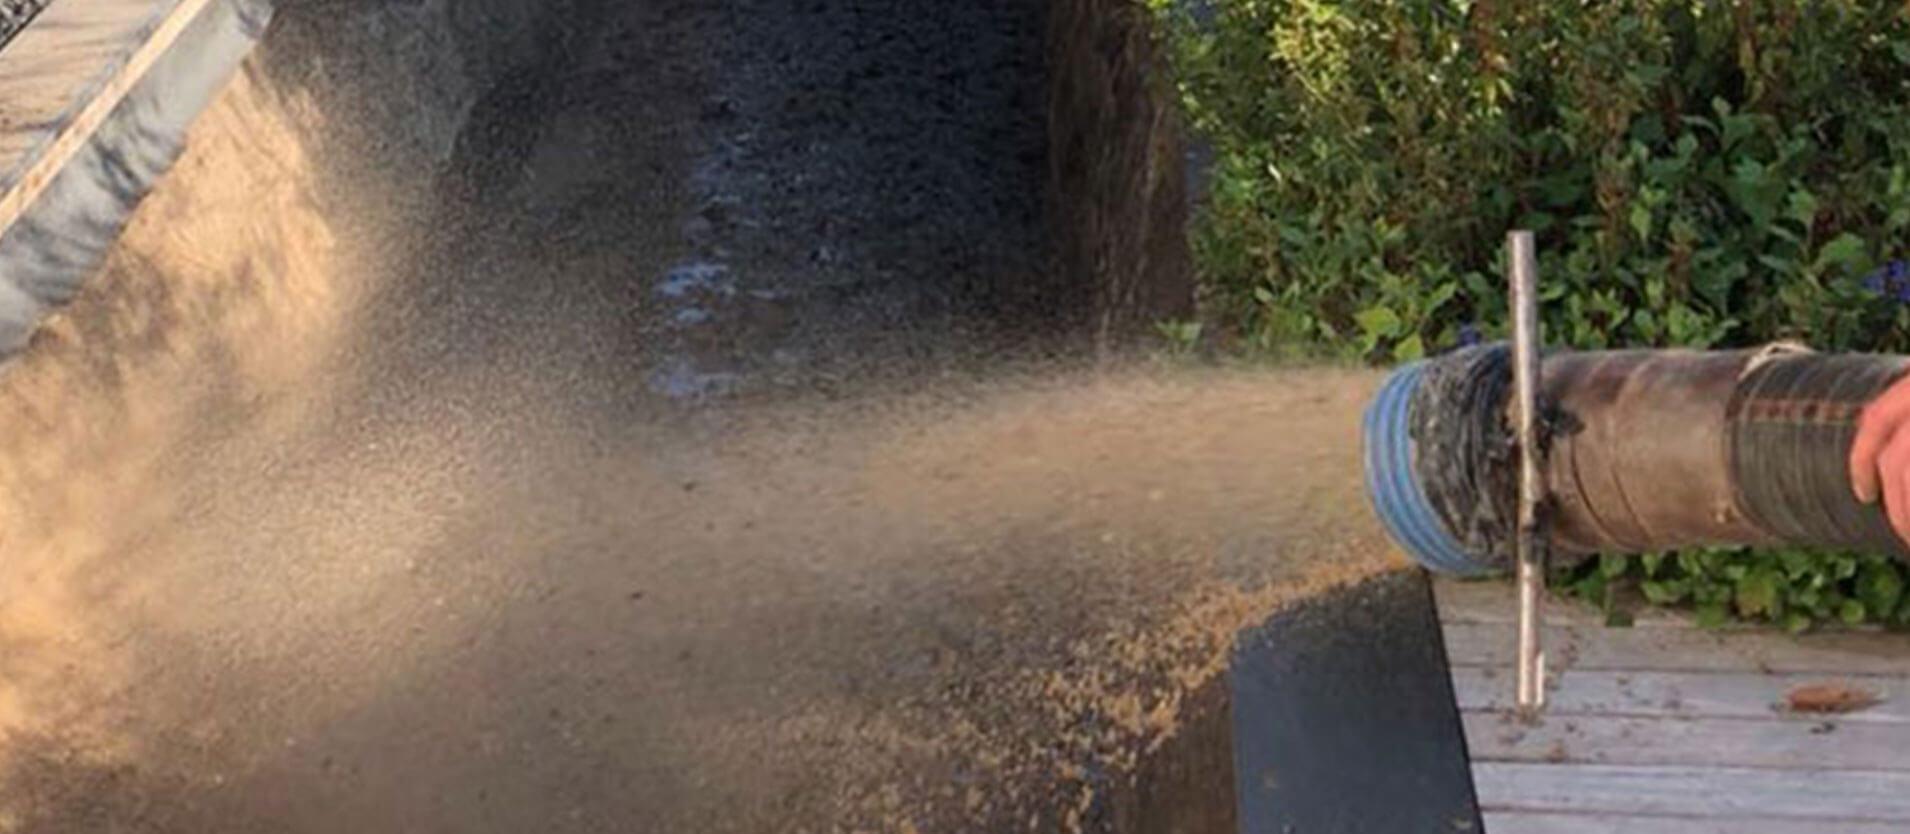 Tuin ophogen tuinophoging